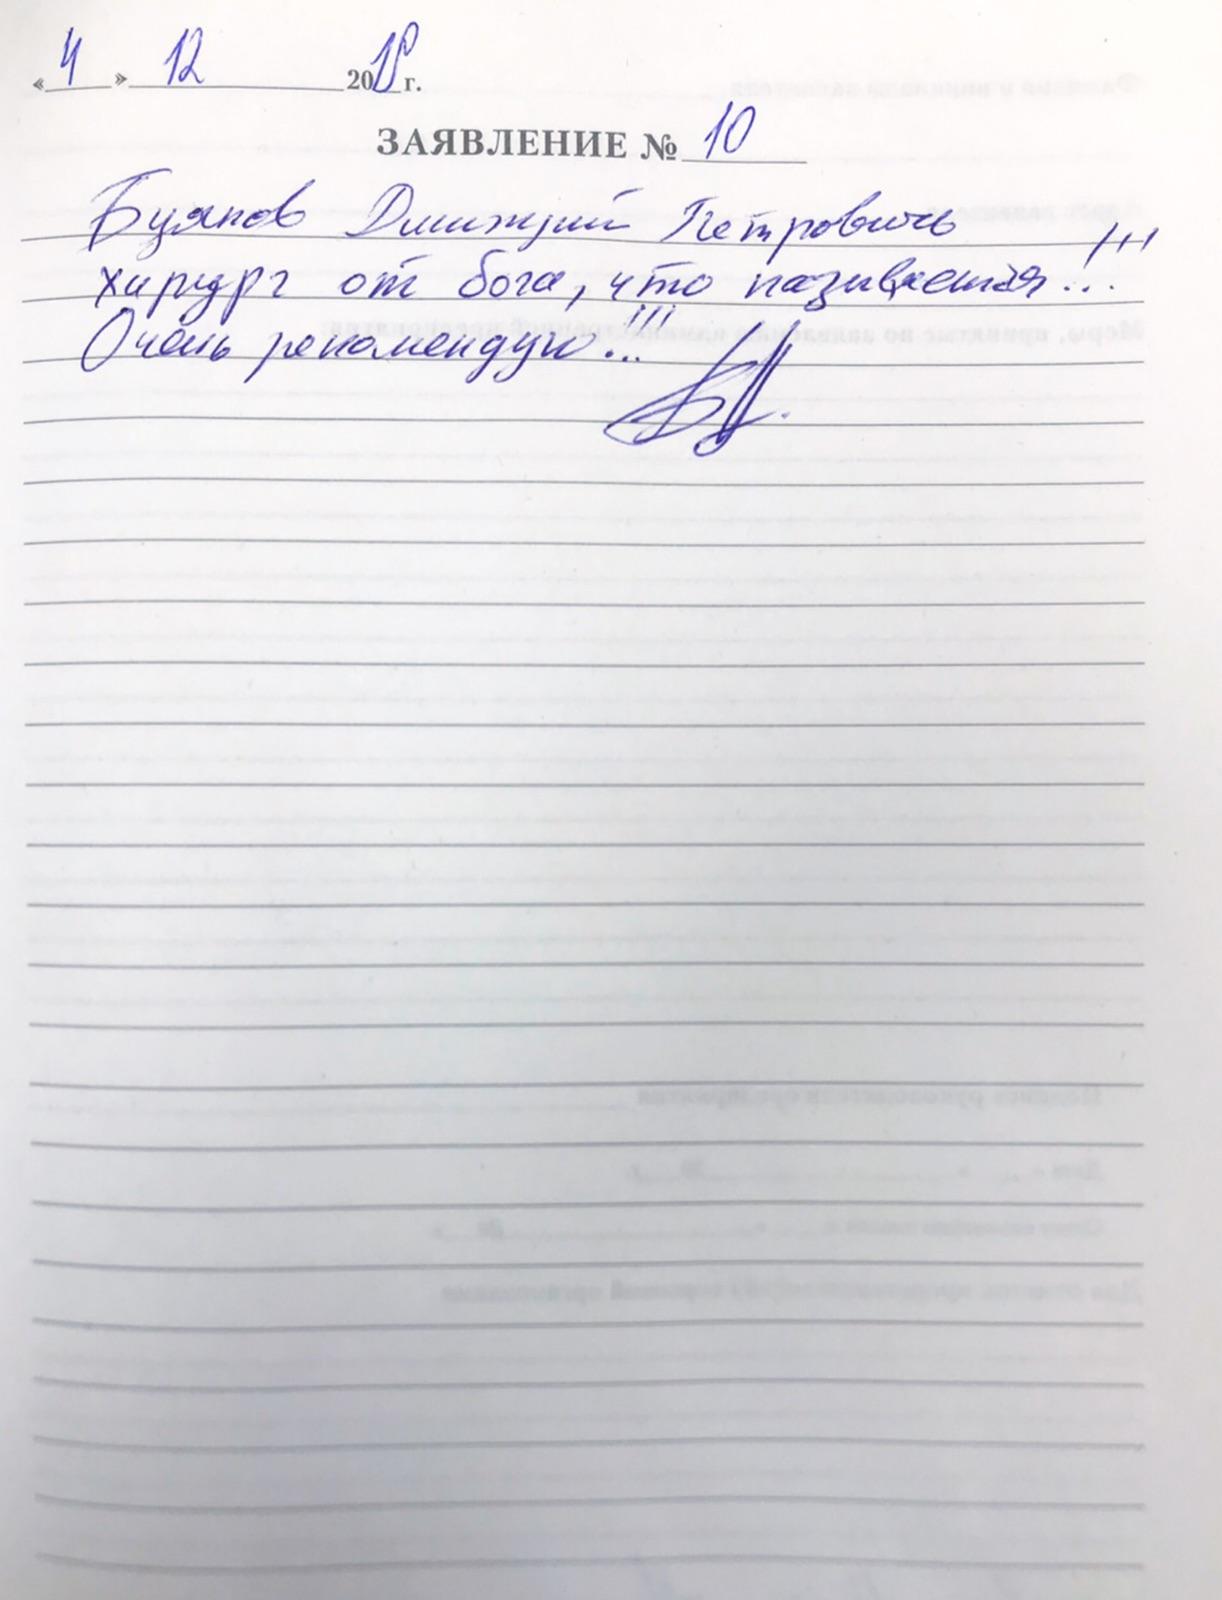 <em>Редактировать Отзыв</em> Алексей Борисович. Стоматология Фларт